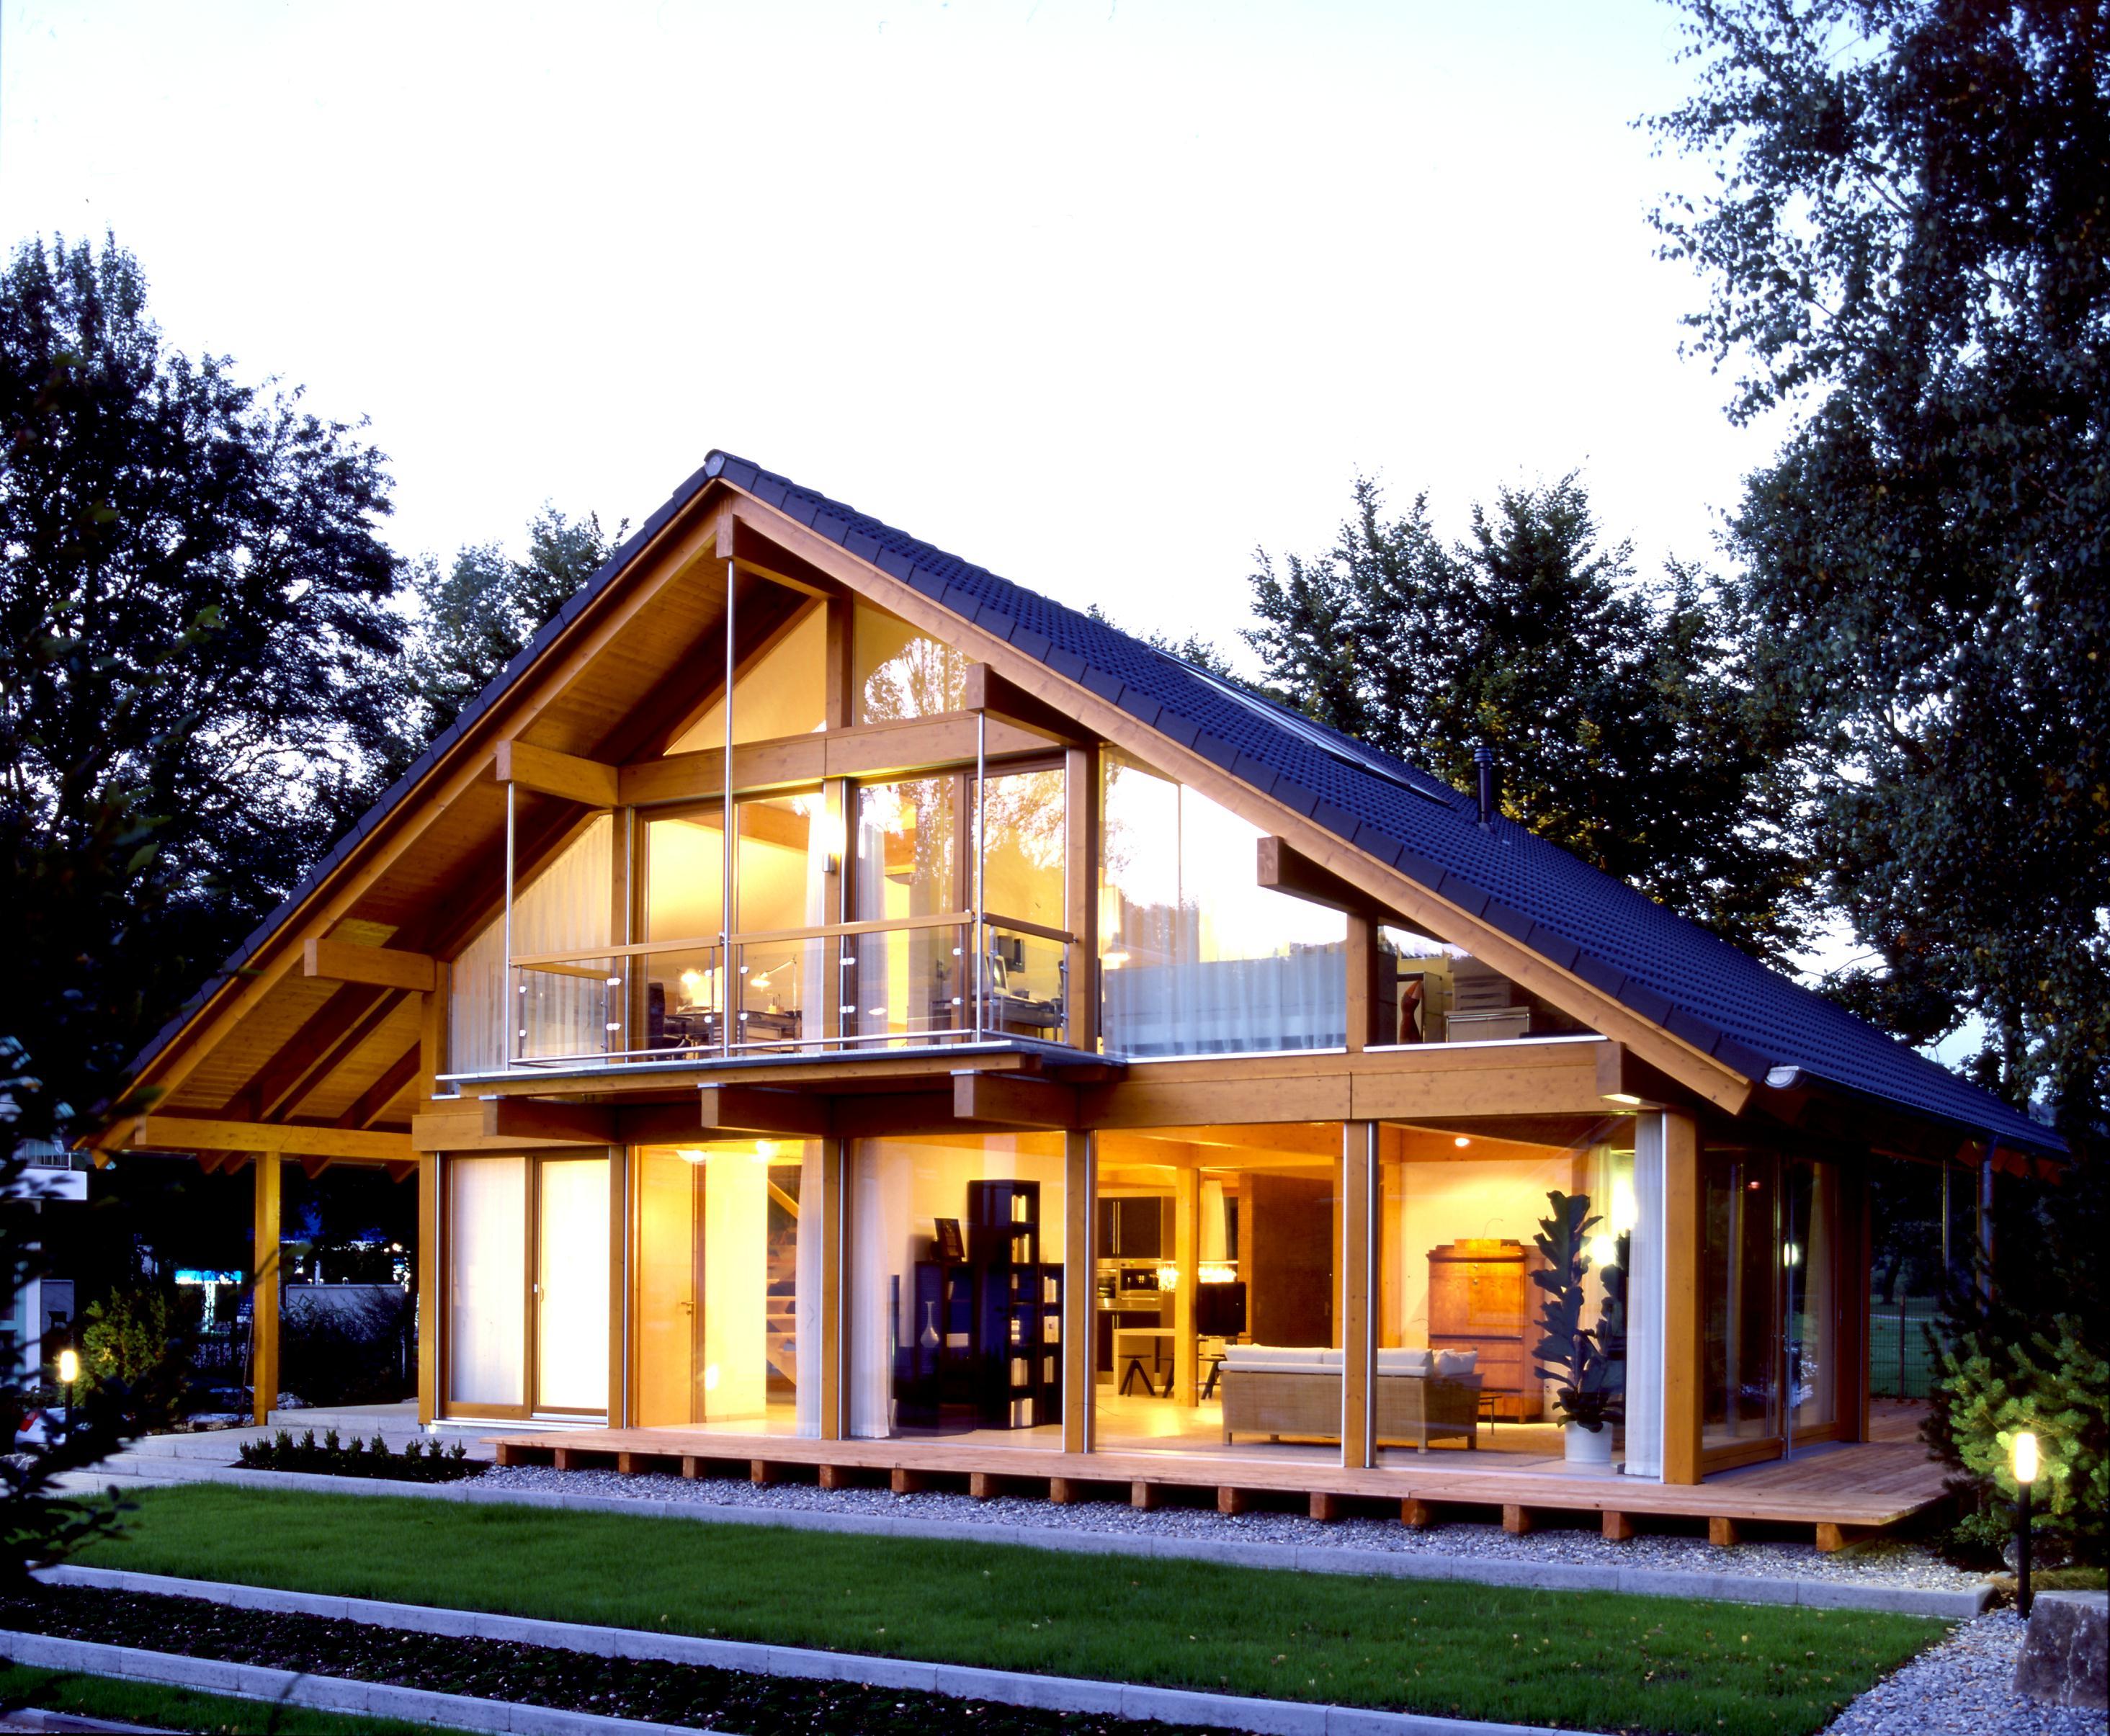 casas lindas 26 fotos inspiradoras arquidicas